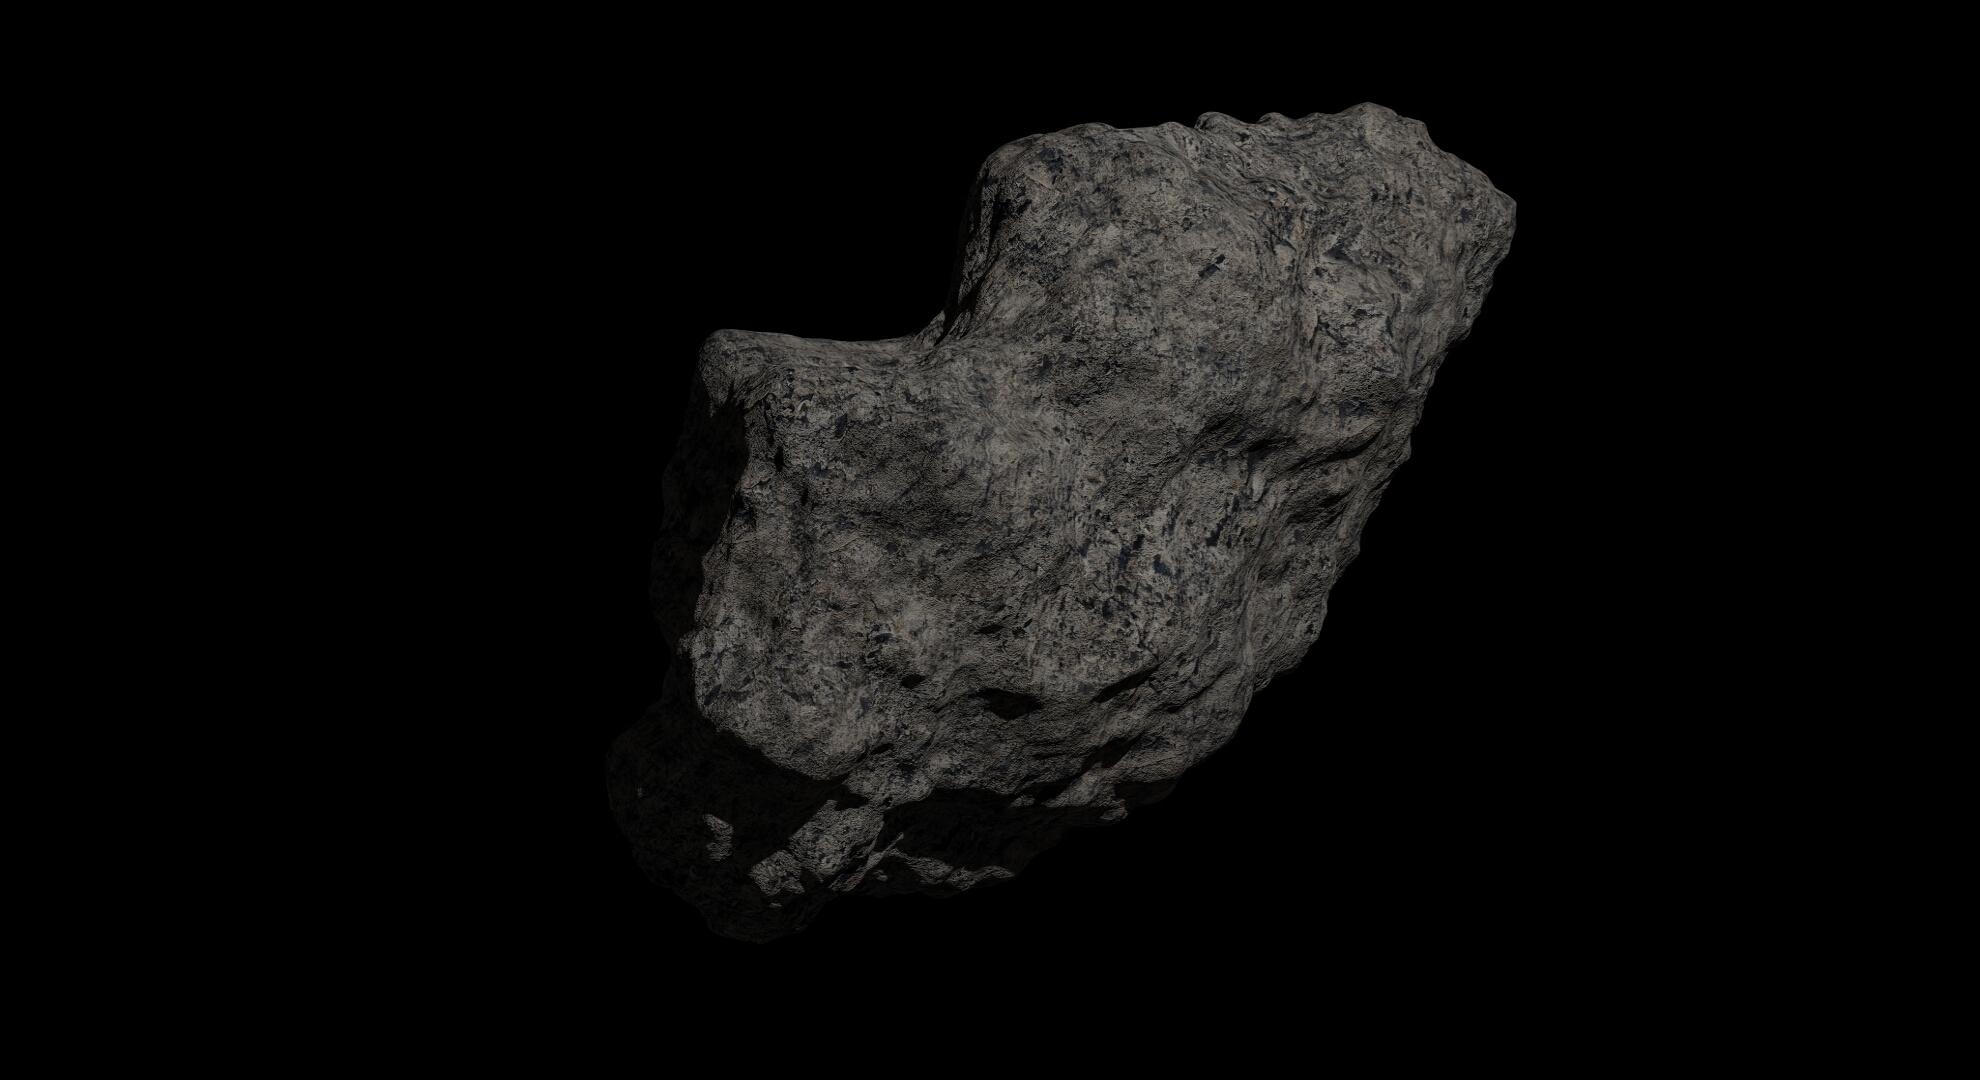 fantaziya asteroid 2 3d modeli 3s qarışığı da fbx obj 267192